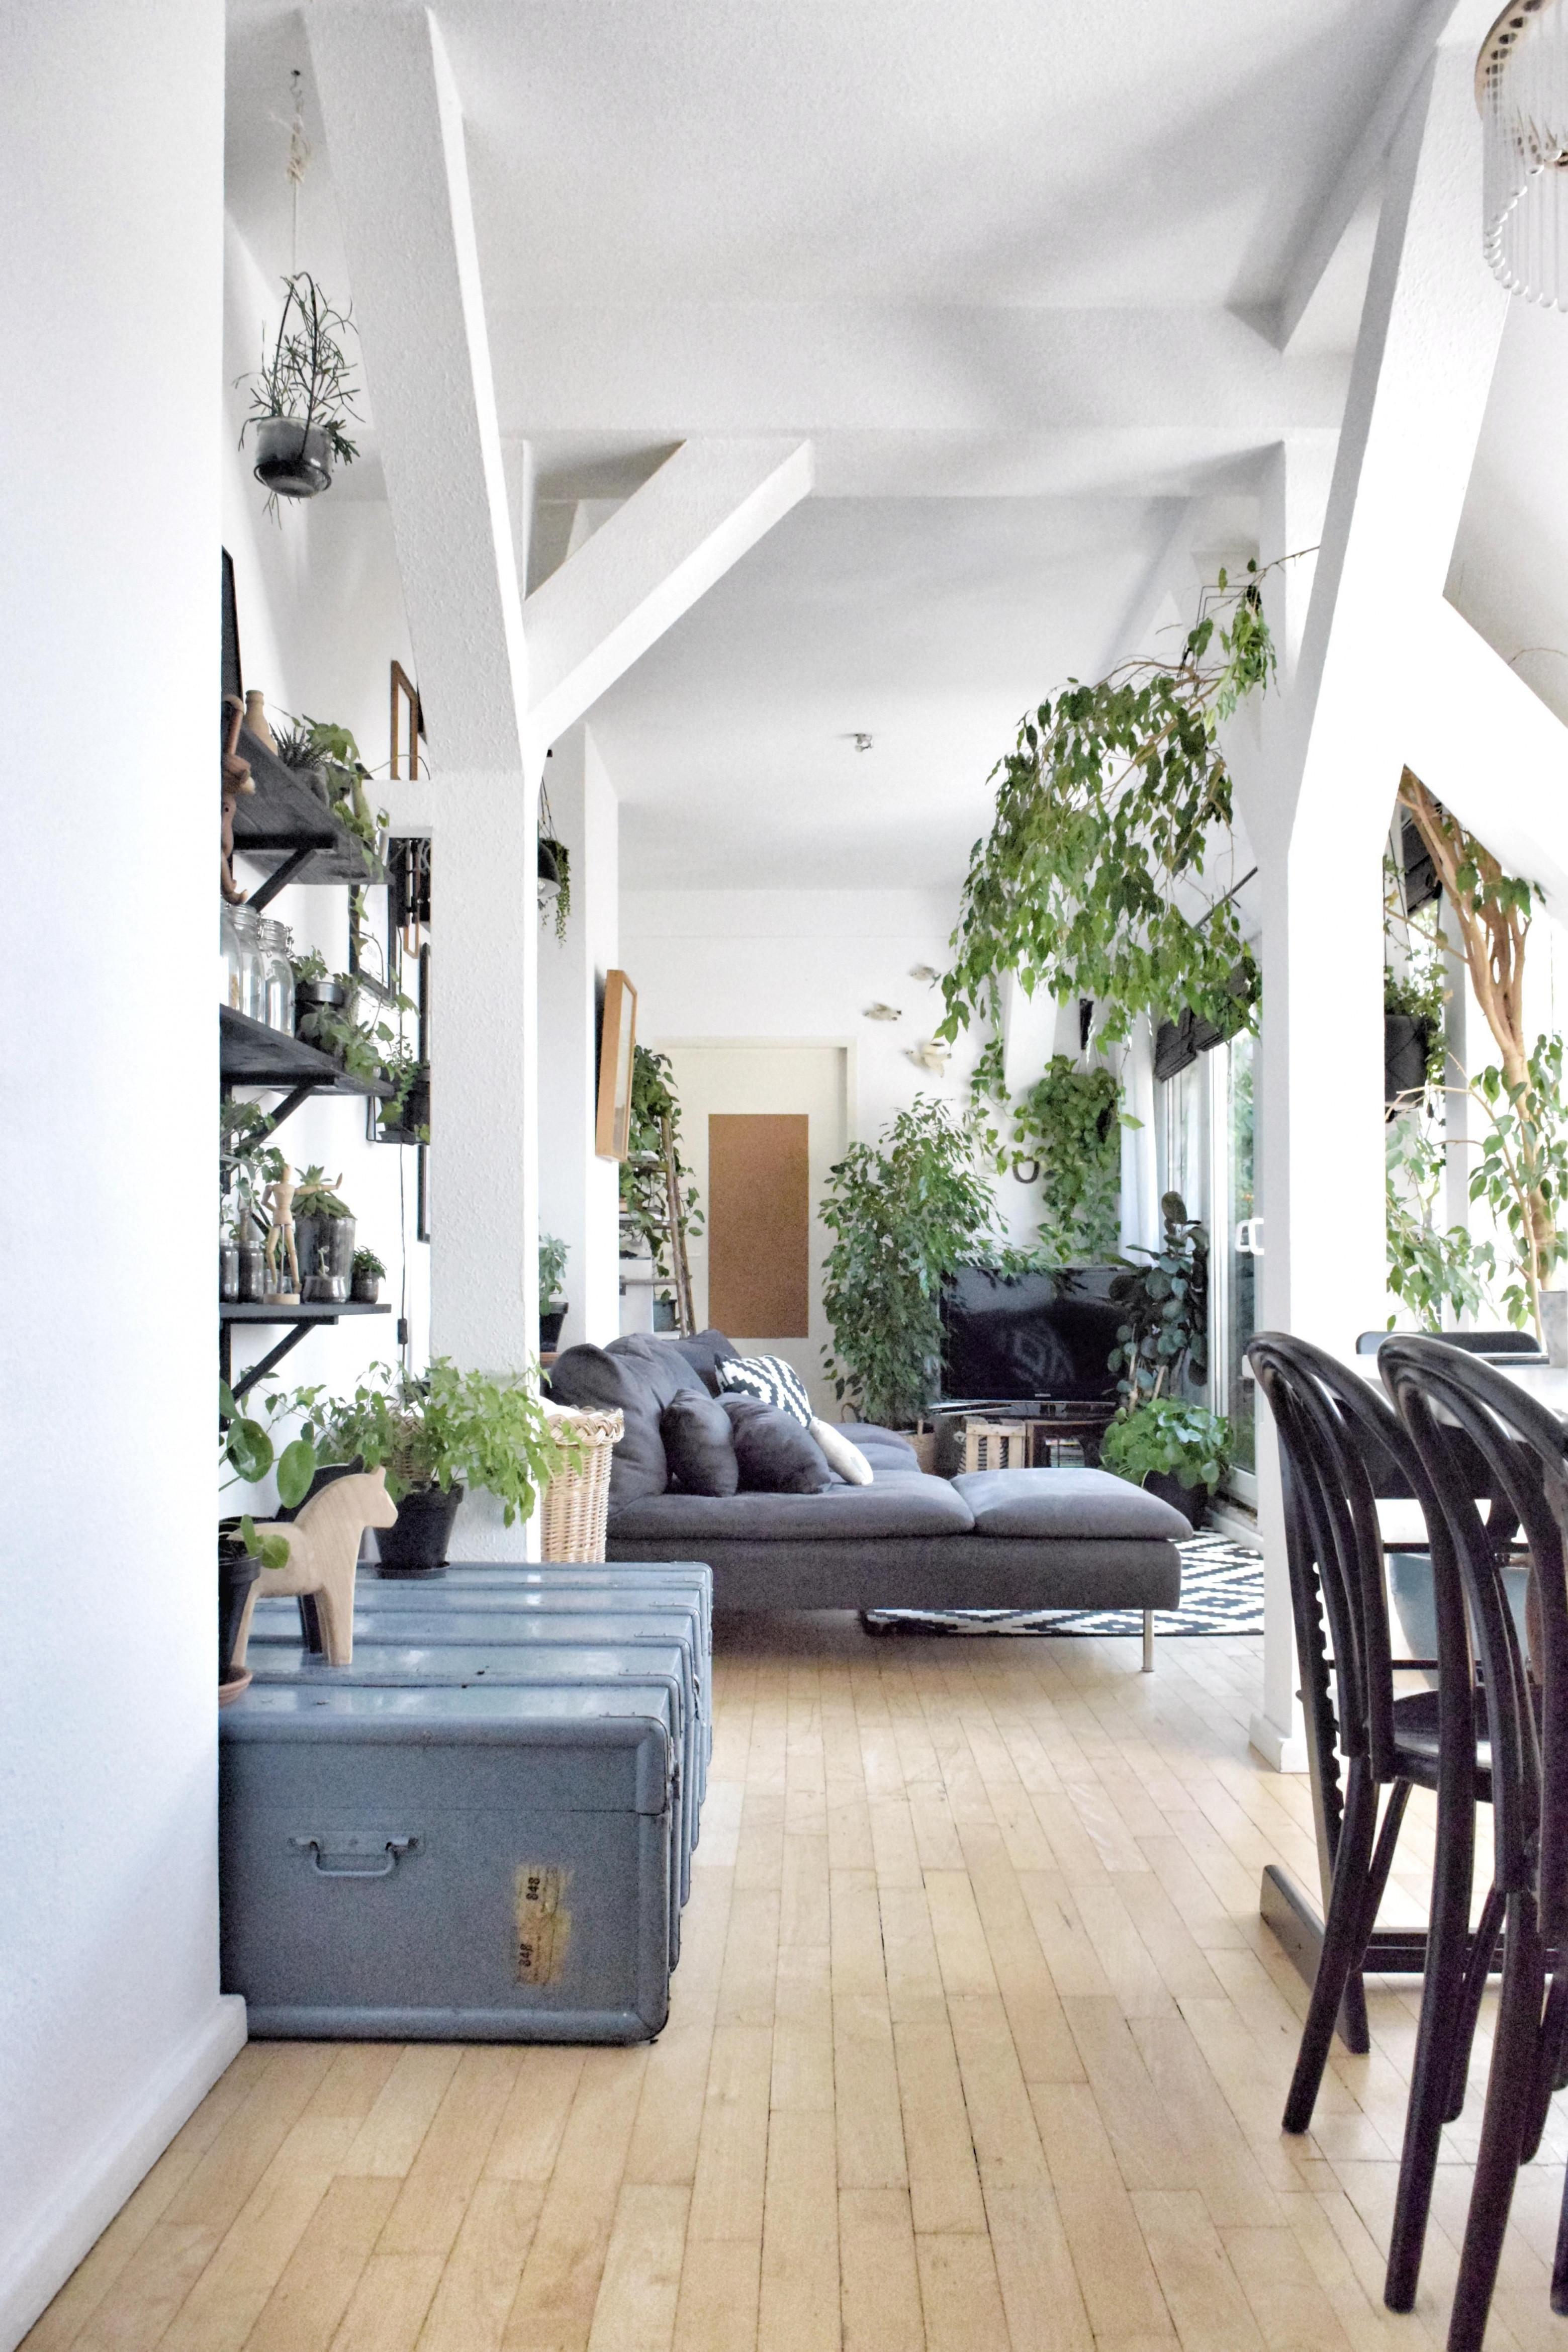 13 Qualifiziert Bild Von Wohnzimmer Ideen Dachgeschoss In von Wohnzimmer Ideen Dachgeschoss Photo